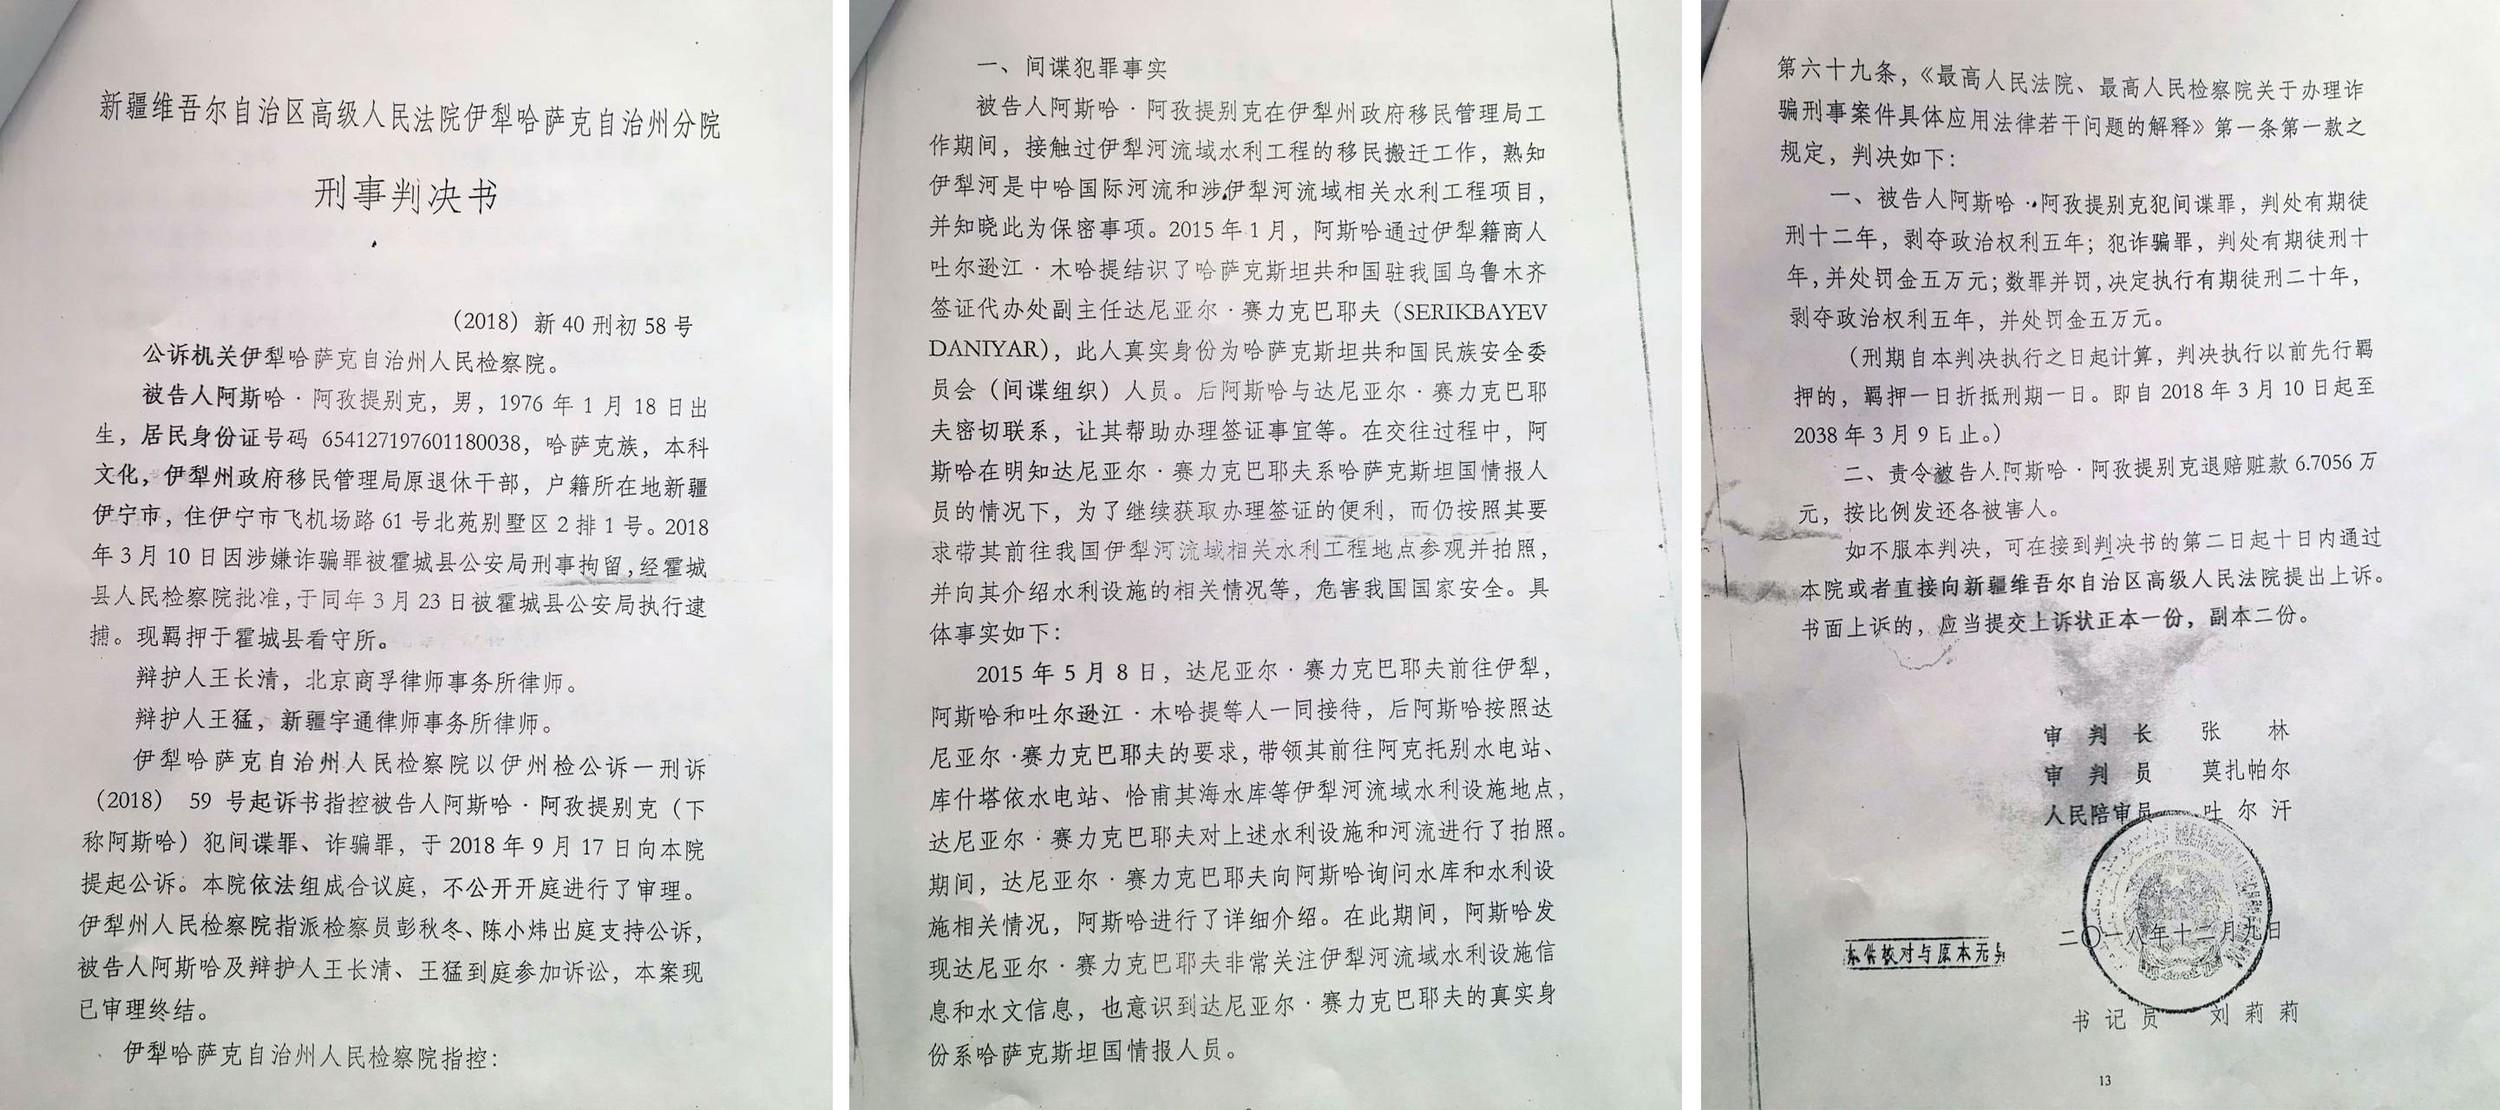 左图:新疆维吾尔族自治区法院伊犁分院判决书;中图:判决书所纪录的阿斯哈涉案内容;右图:阿斯哈被以间谍罪、诈骗罪判刑20年。(阿塔珠儿特提供)